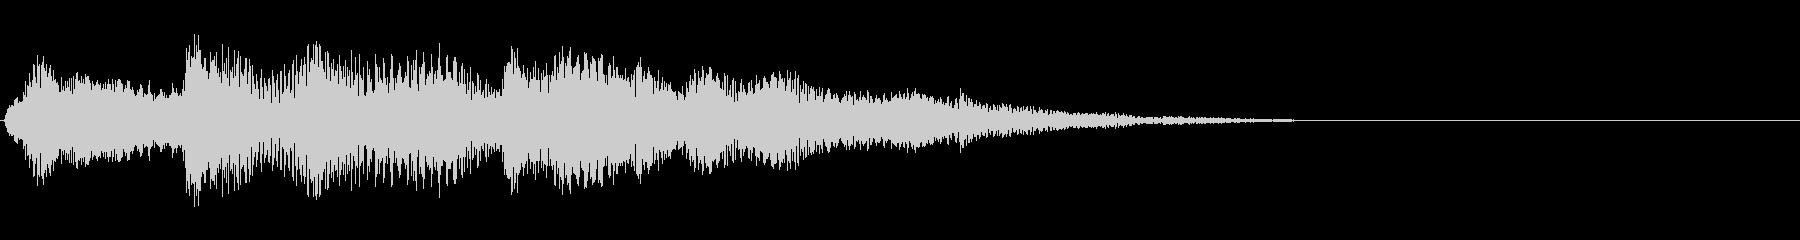 ソフトパックシンセアクセントとグーグル3の未再生の波形